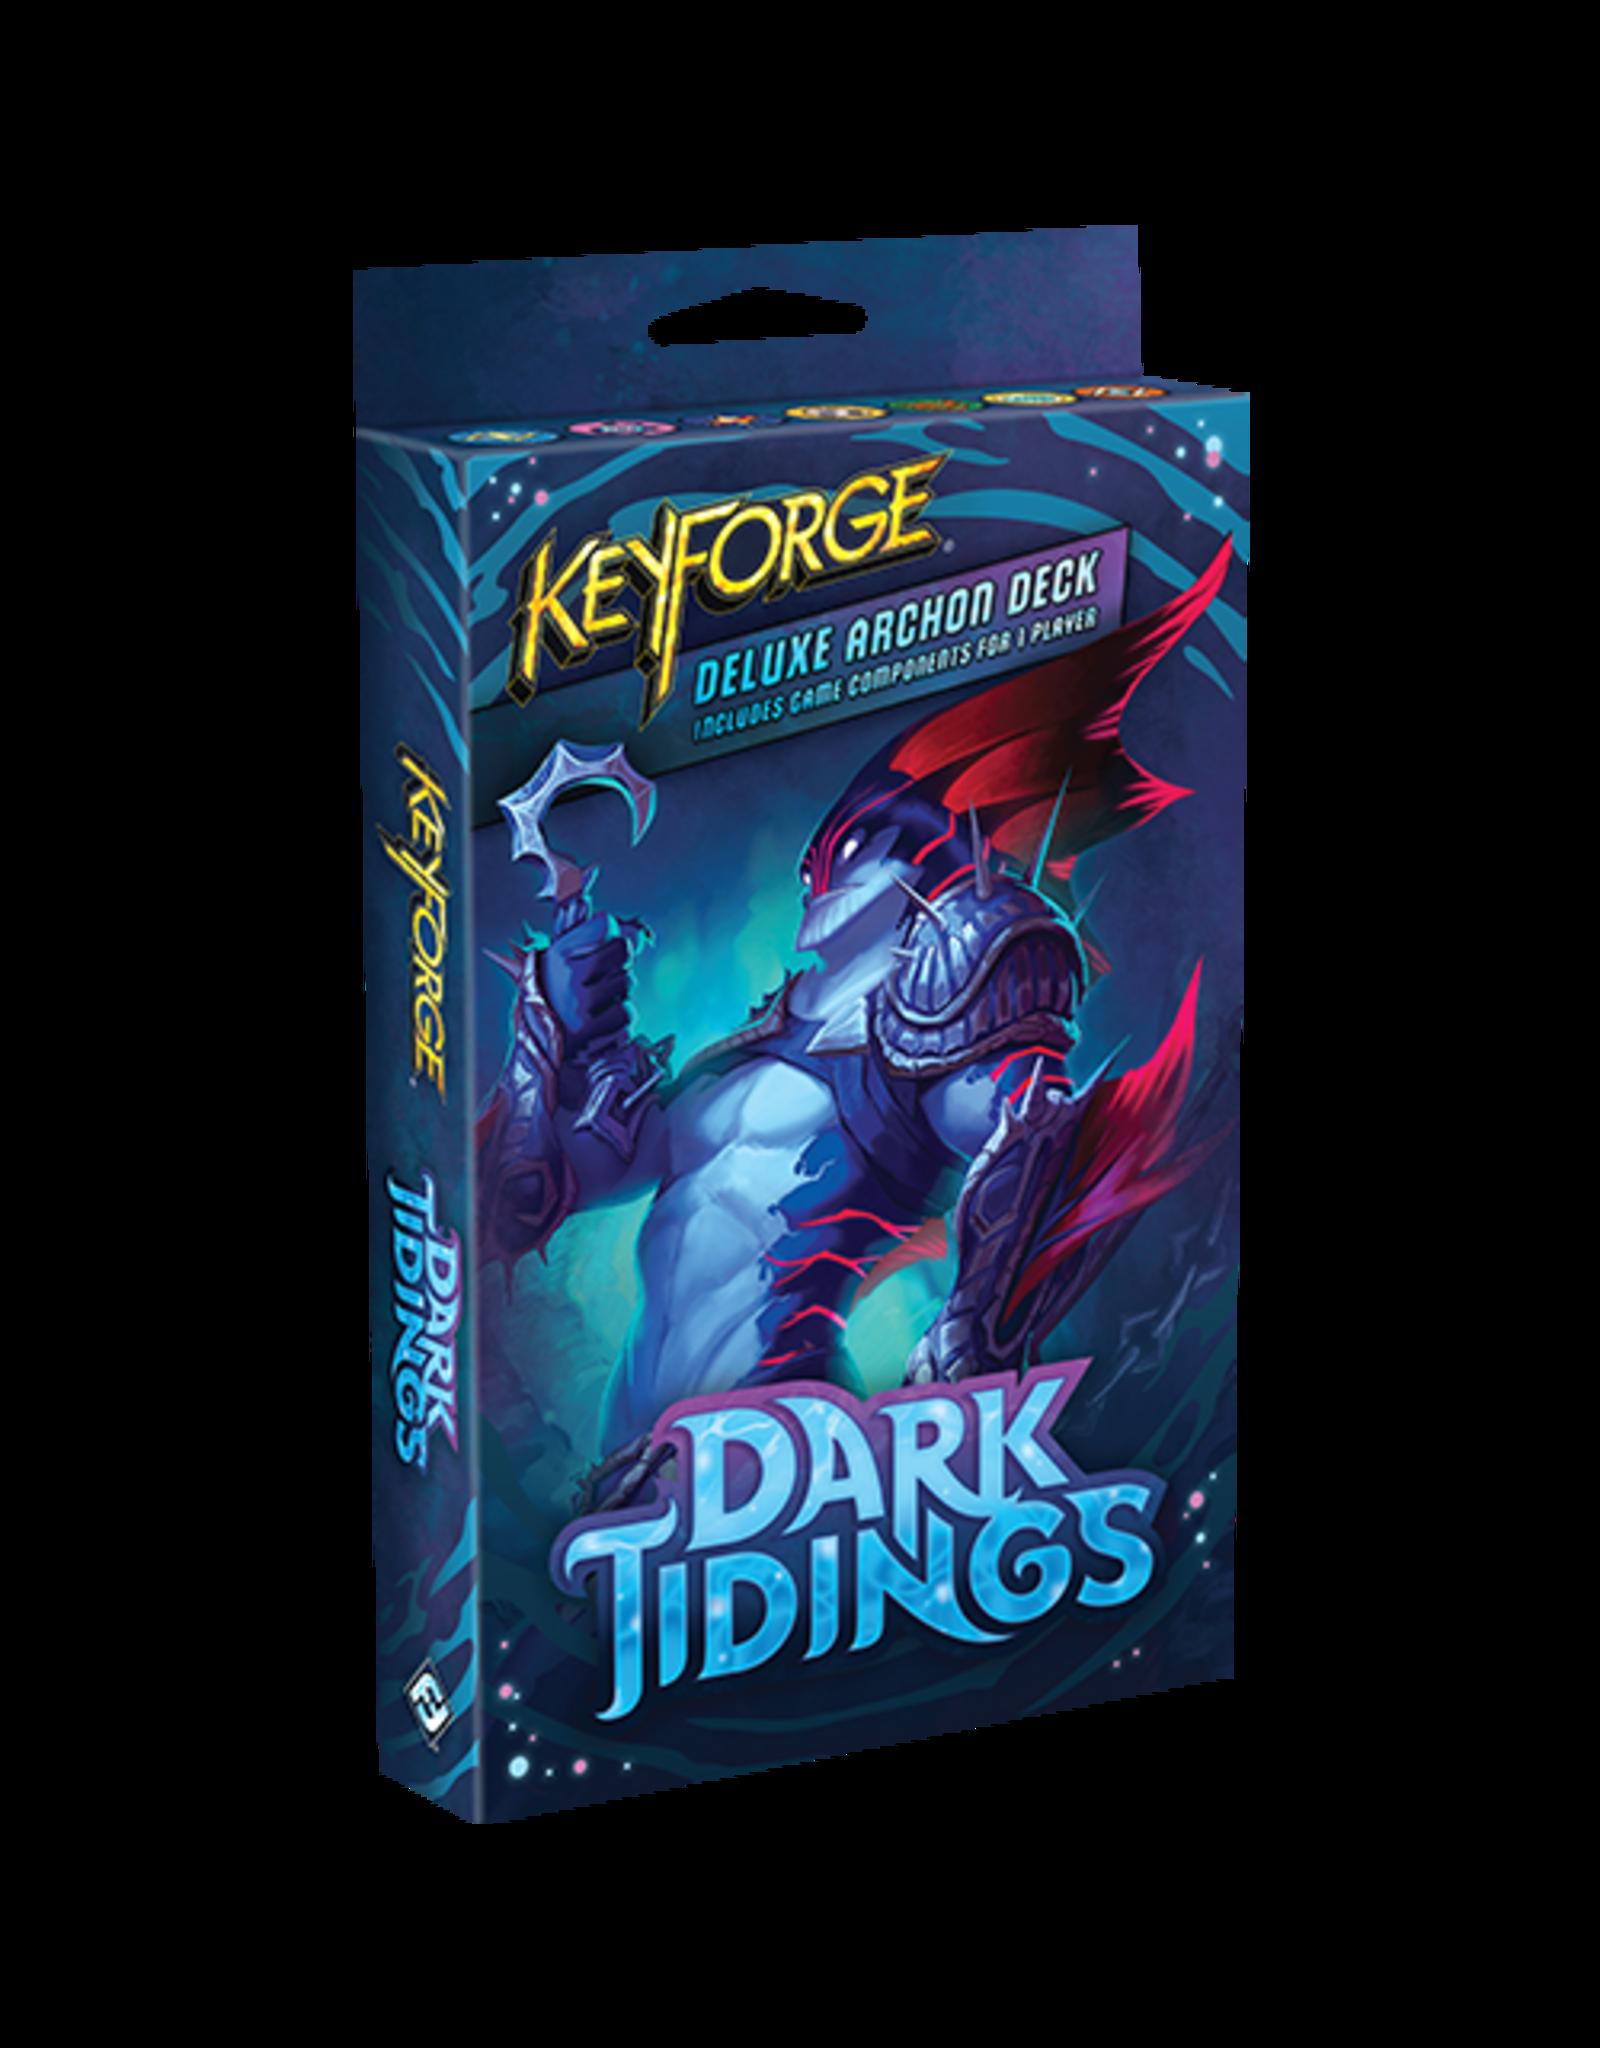 Fantasy Flight Games Keyforge: Dark Tidings Deluxe Archon Deck